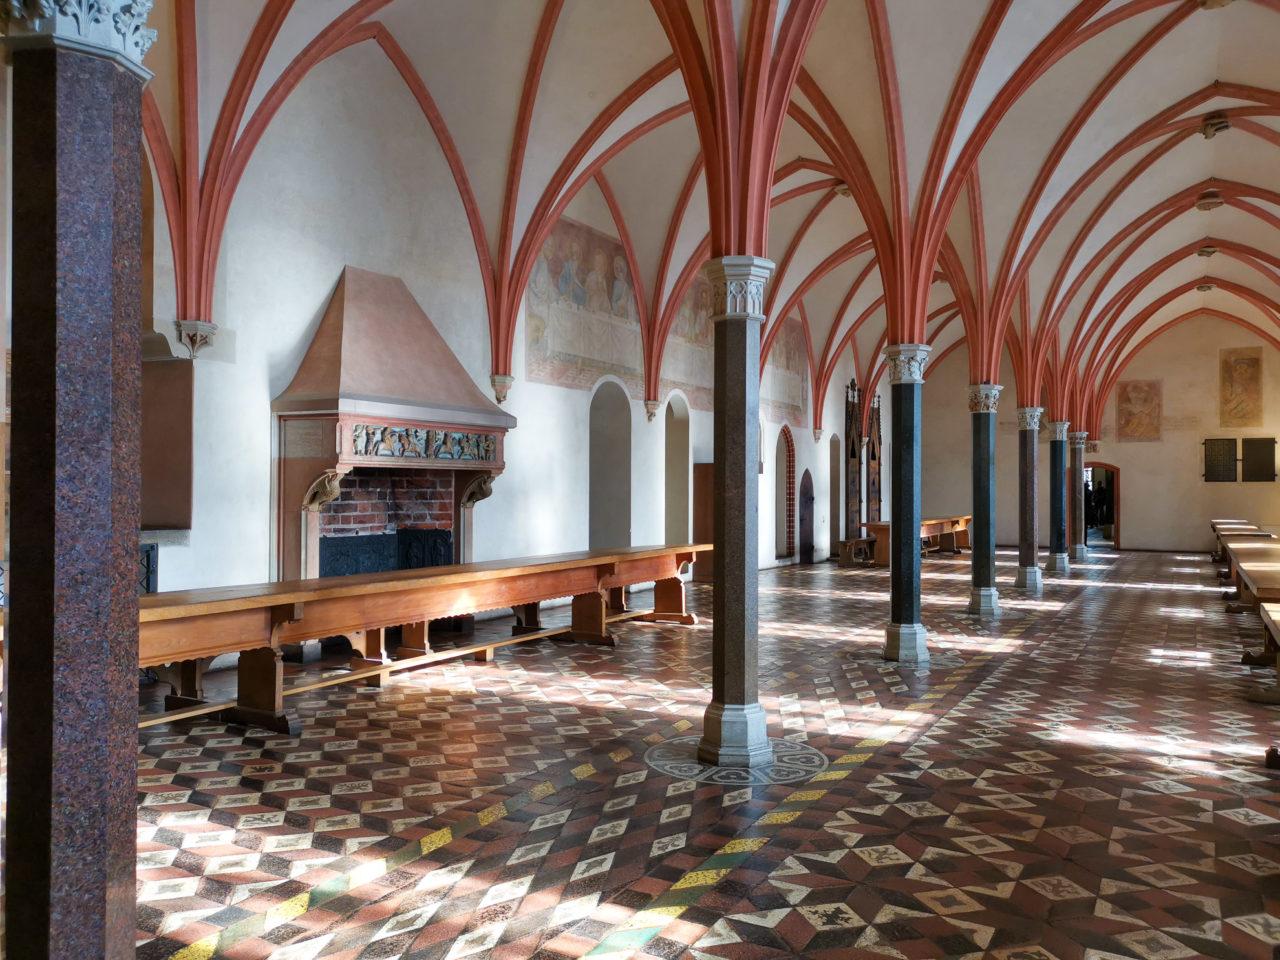 2020-10-09_14-27-32_Marienburg_IMG_20201009_142731-1600